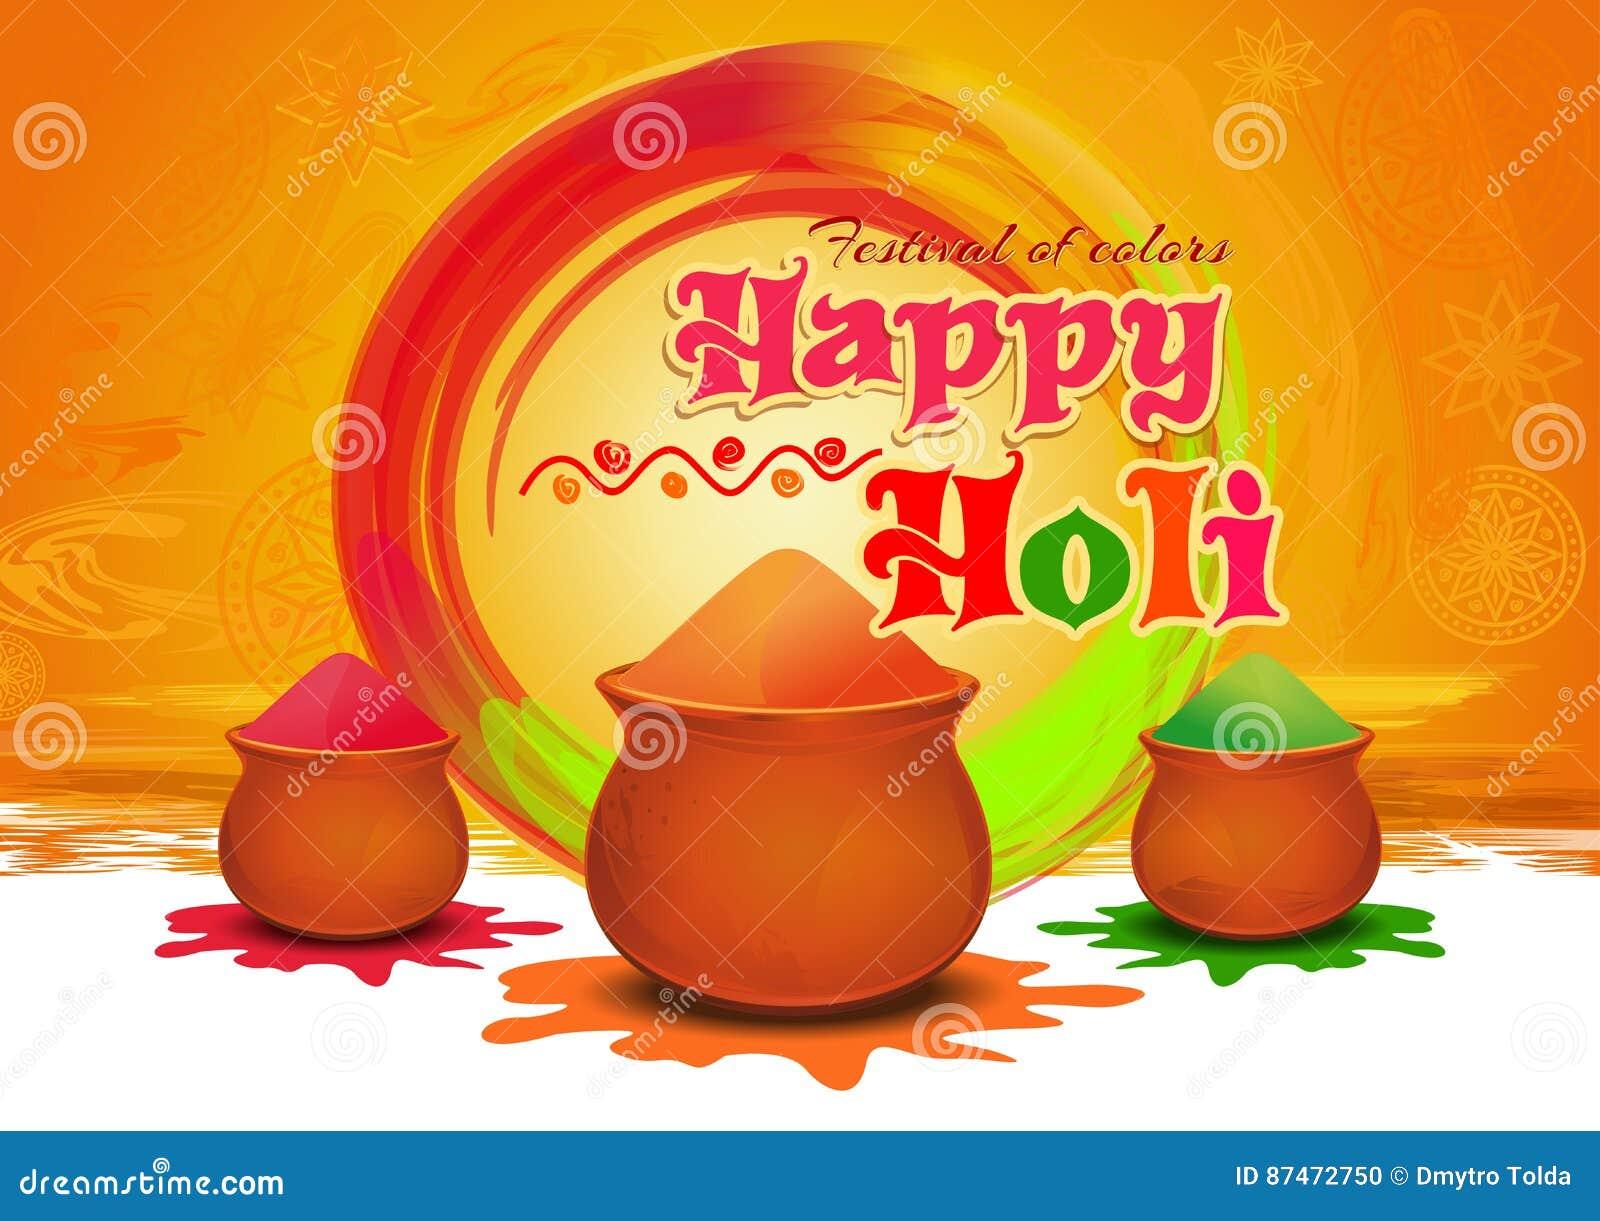 Pots avec gulaal coloré, couleur de poudre pour le festival de couleurs Holi heureux Carte de voeux heureuse de Holi